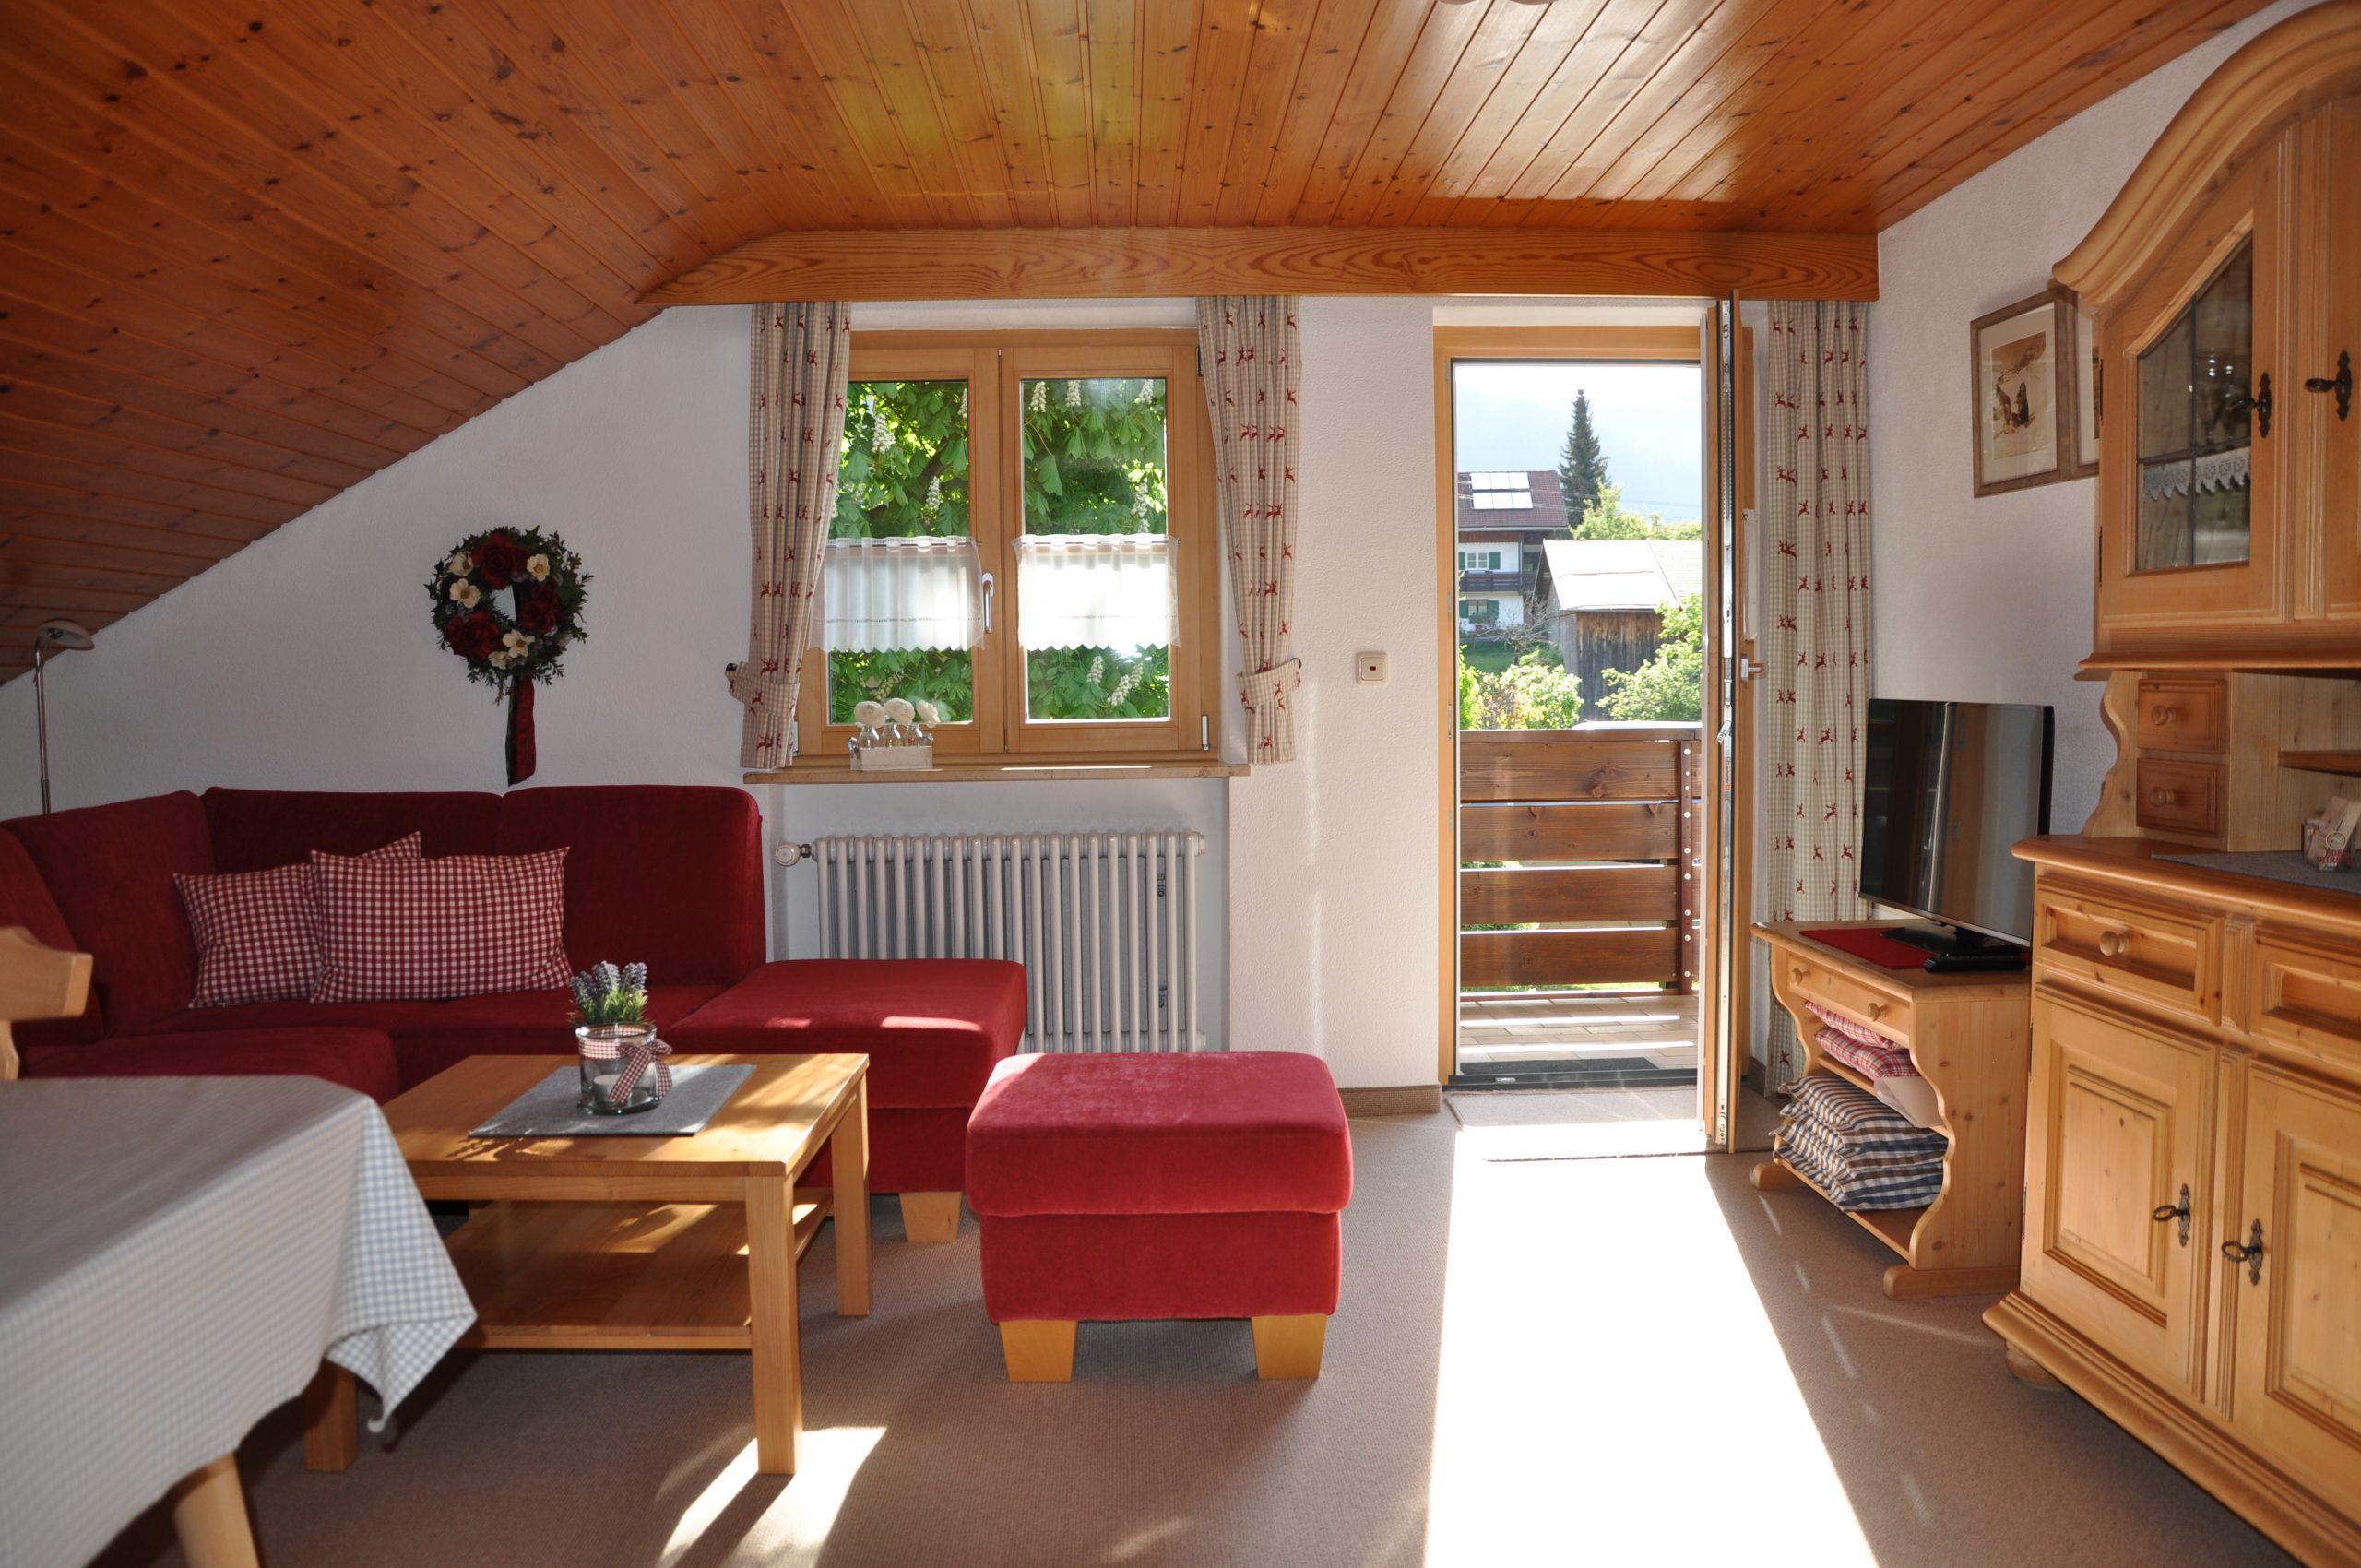 Ferienhaus Sauter Oberdorf Obermaiselstein - Wohlfühl Wohnzimmer mit tollem Ausblick in der Ferienwohnung Sonnenkopf